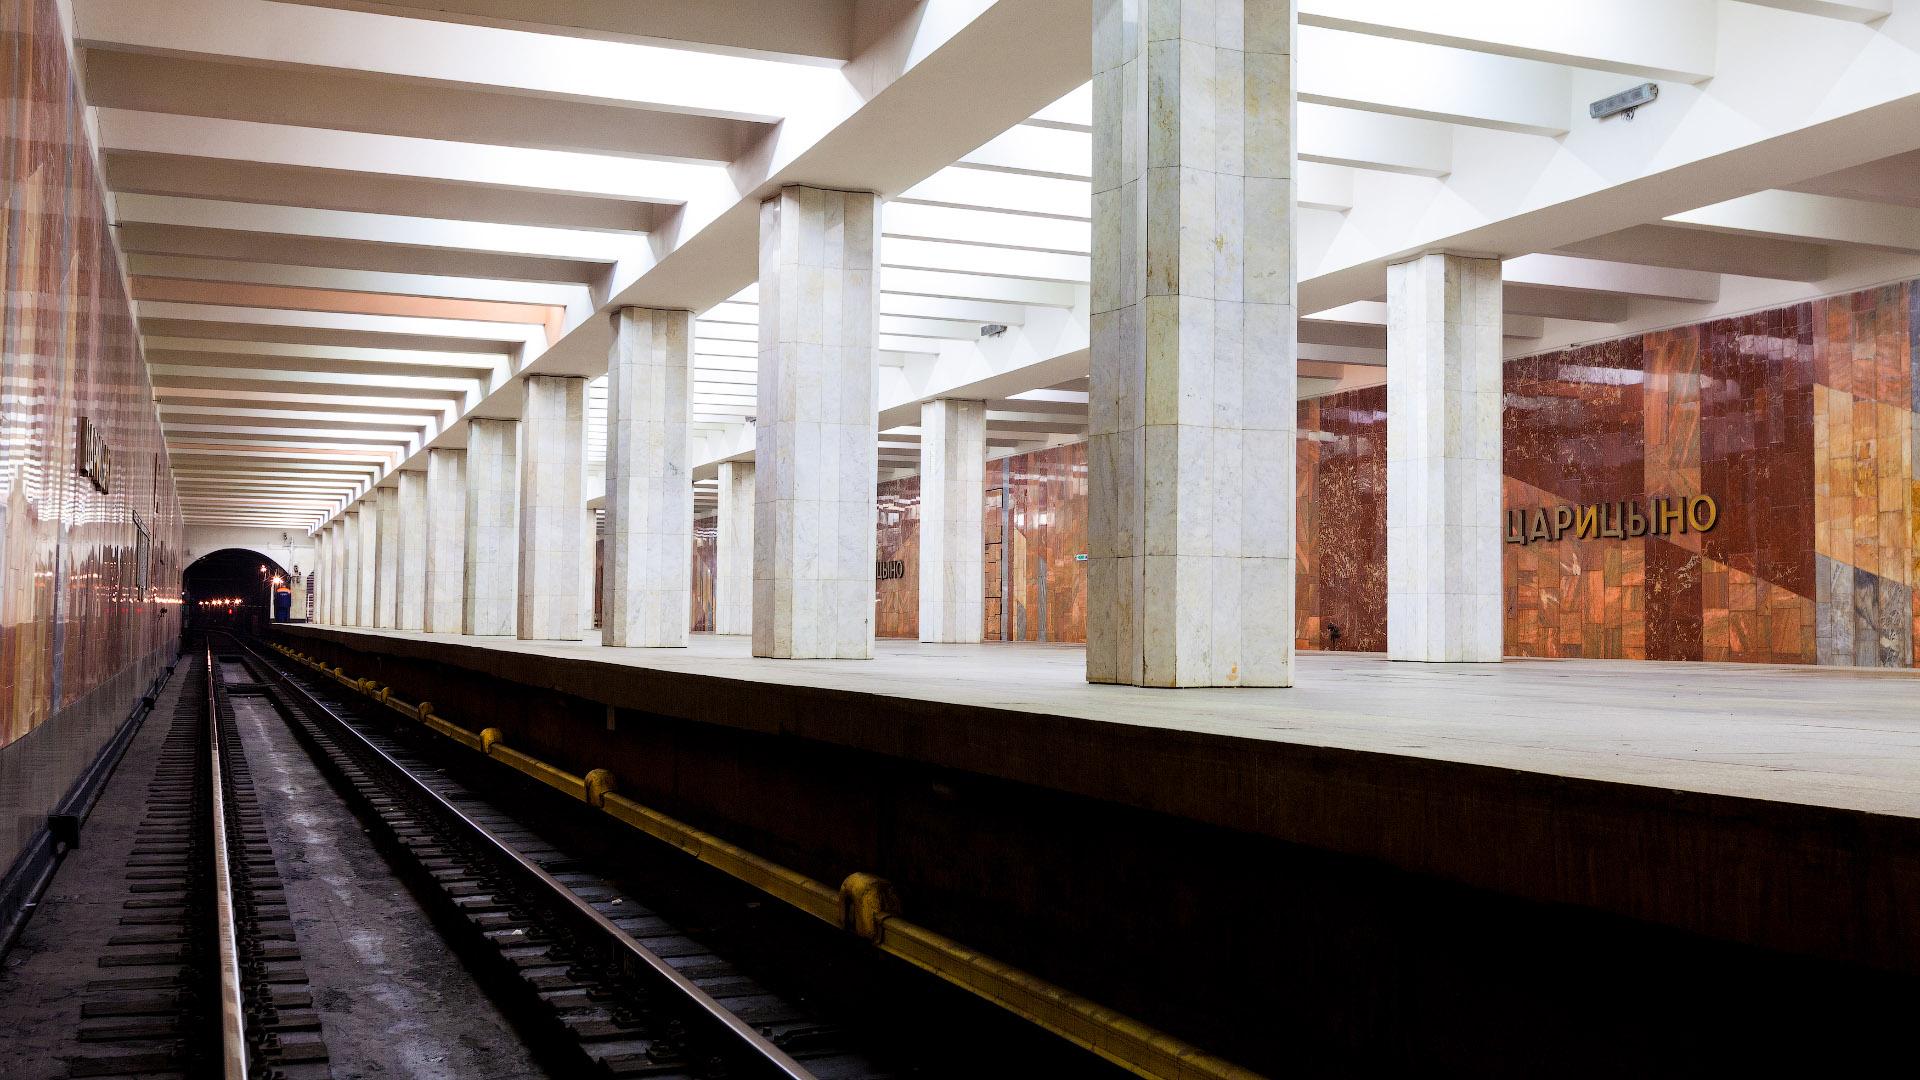 схема метро москвы 1920x1080